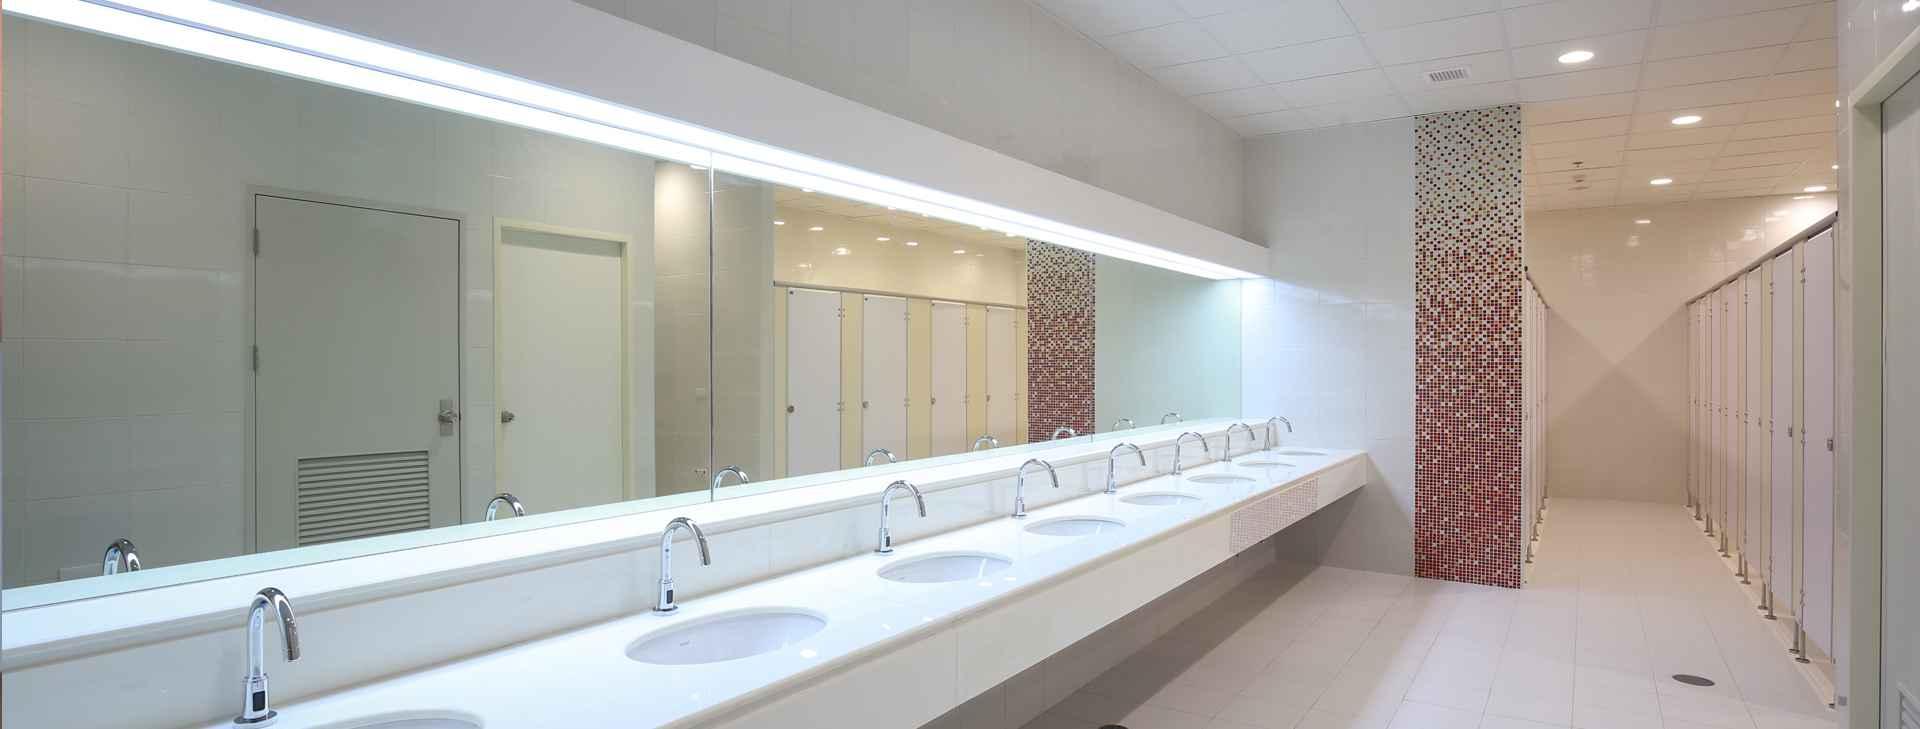 Public Bathroom cropped